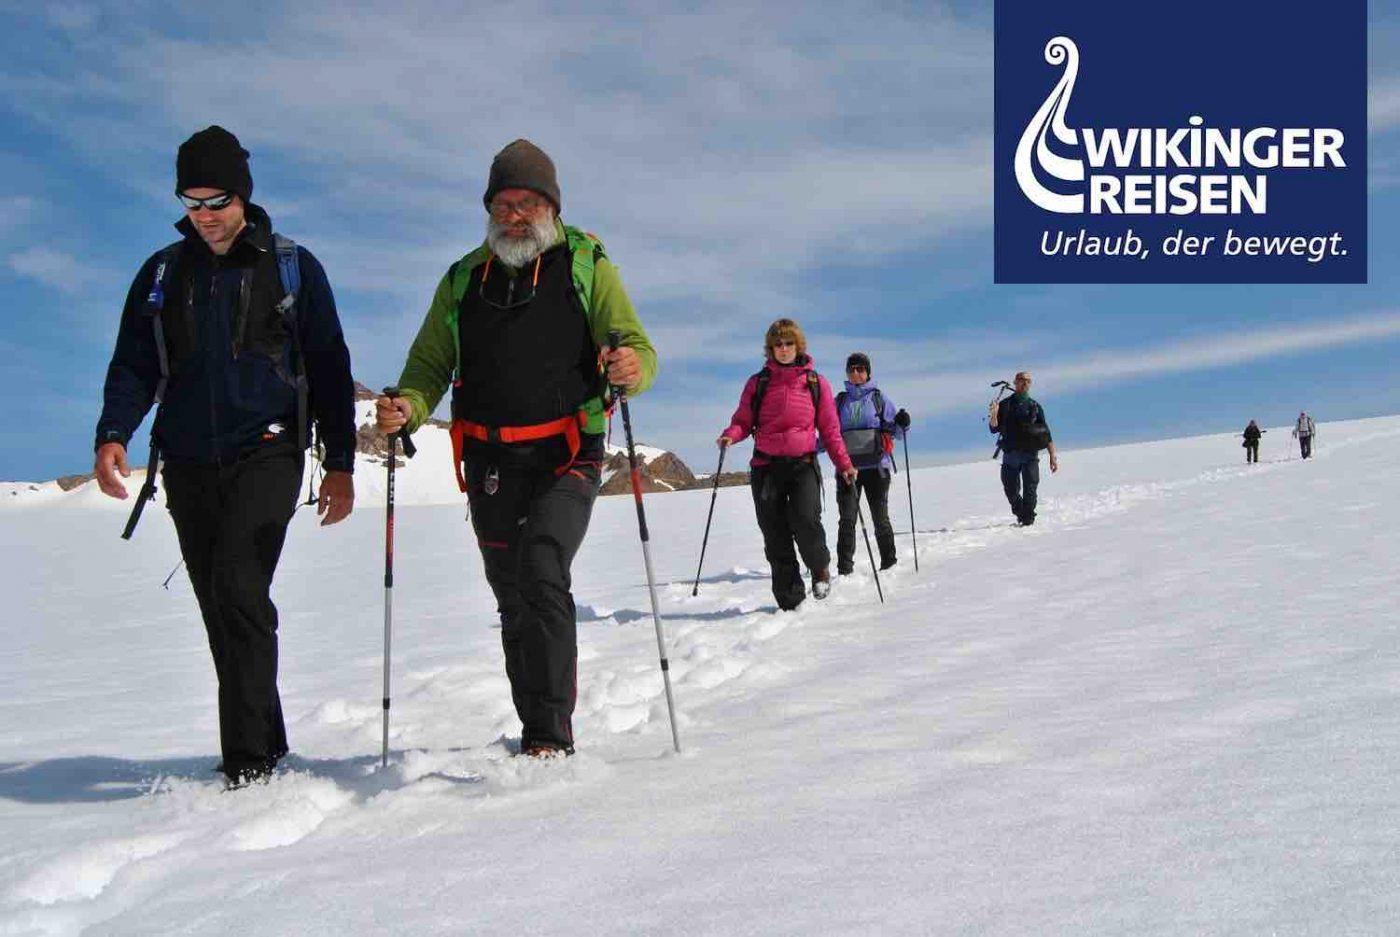 Wikinger Reisen: Outdoor-Abenteuer im ostgrönländischen Inlandseis